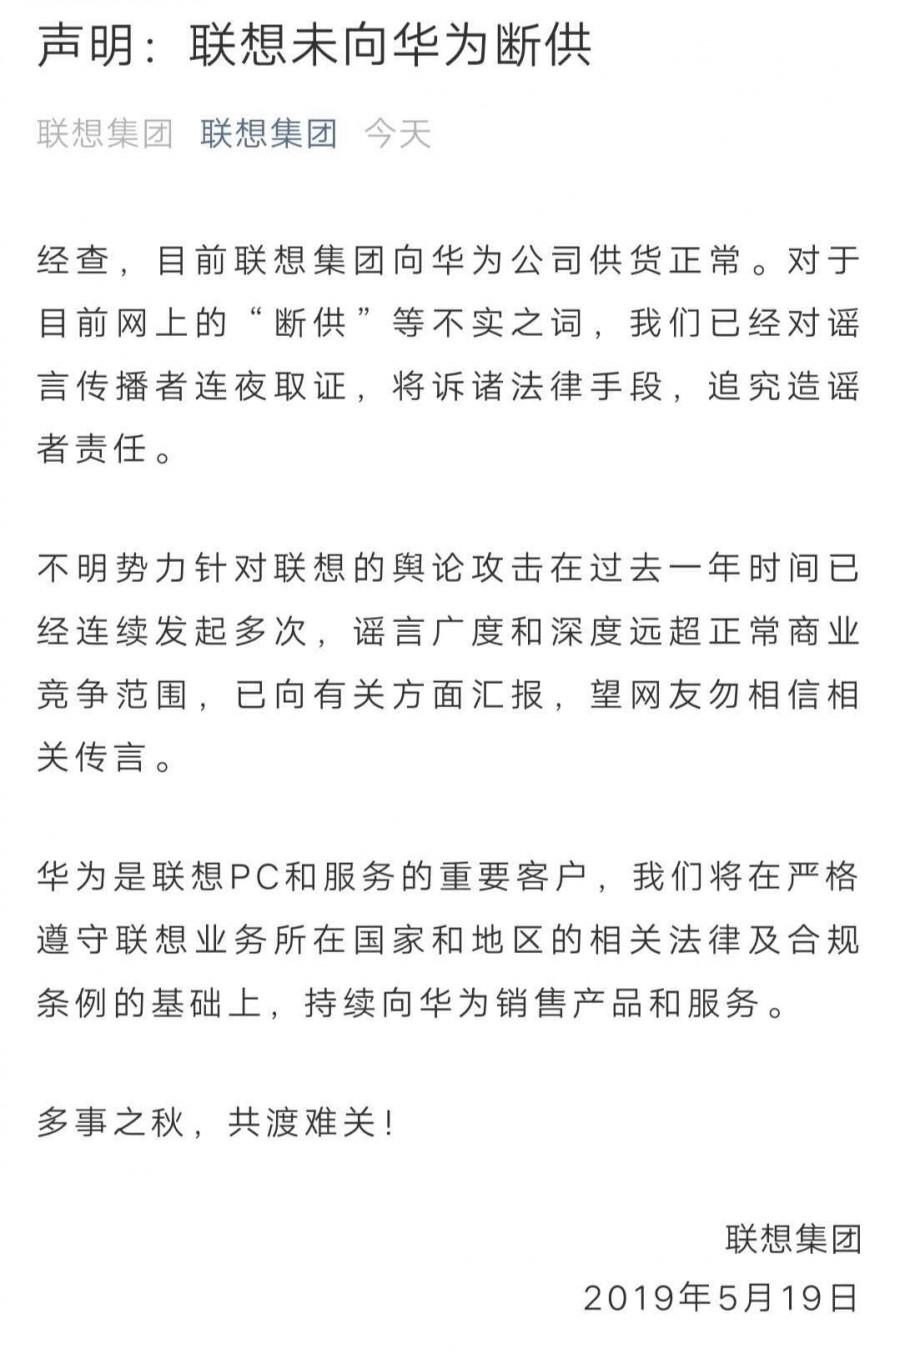 联想未向华为断供;蔚来回应自燃事件;谷歌罢工-97资源博客